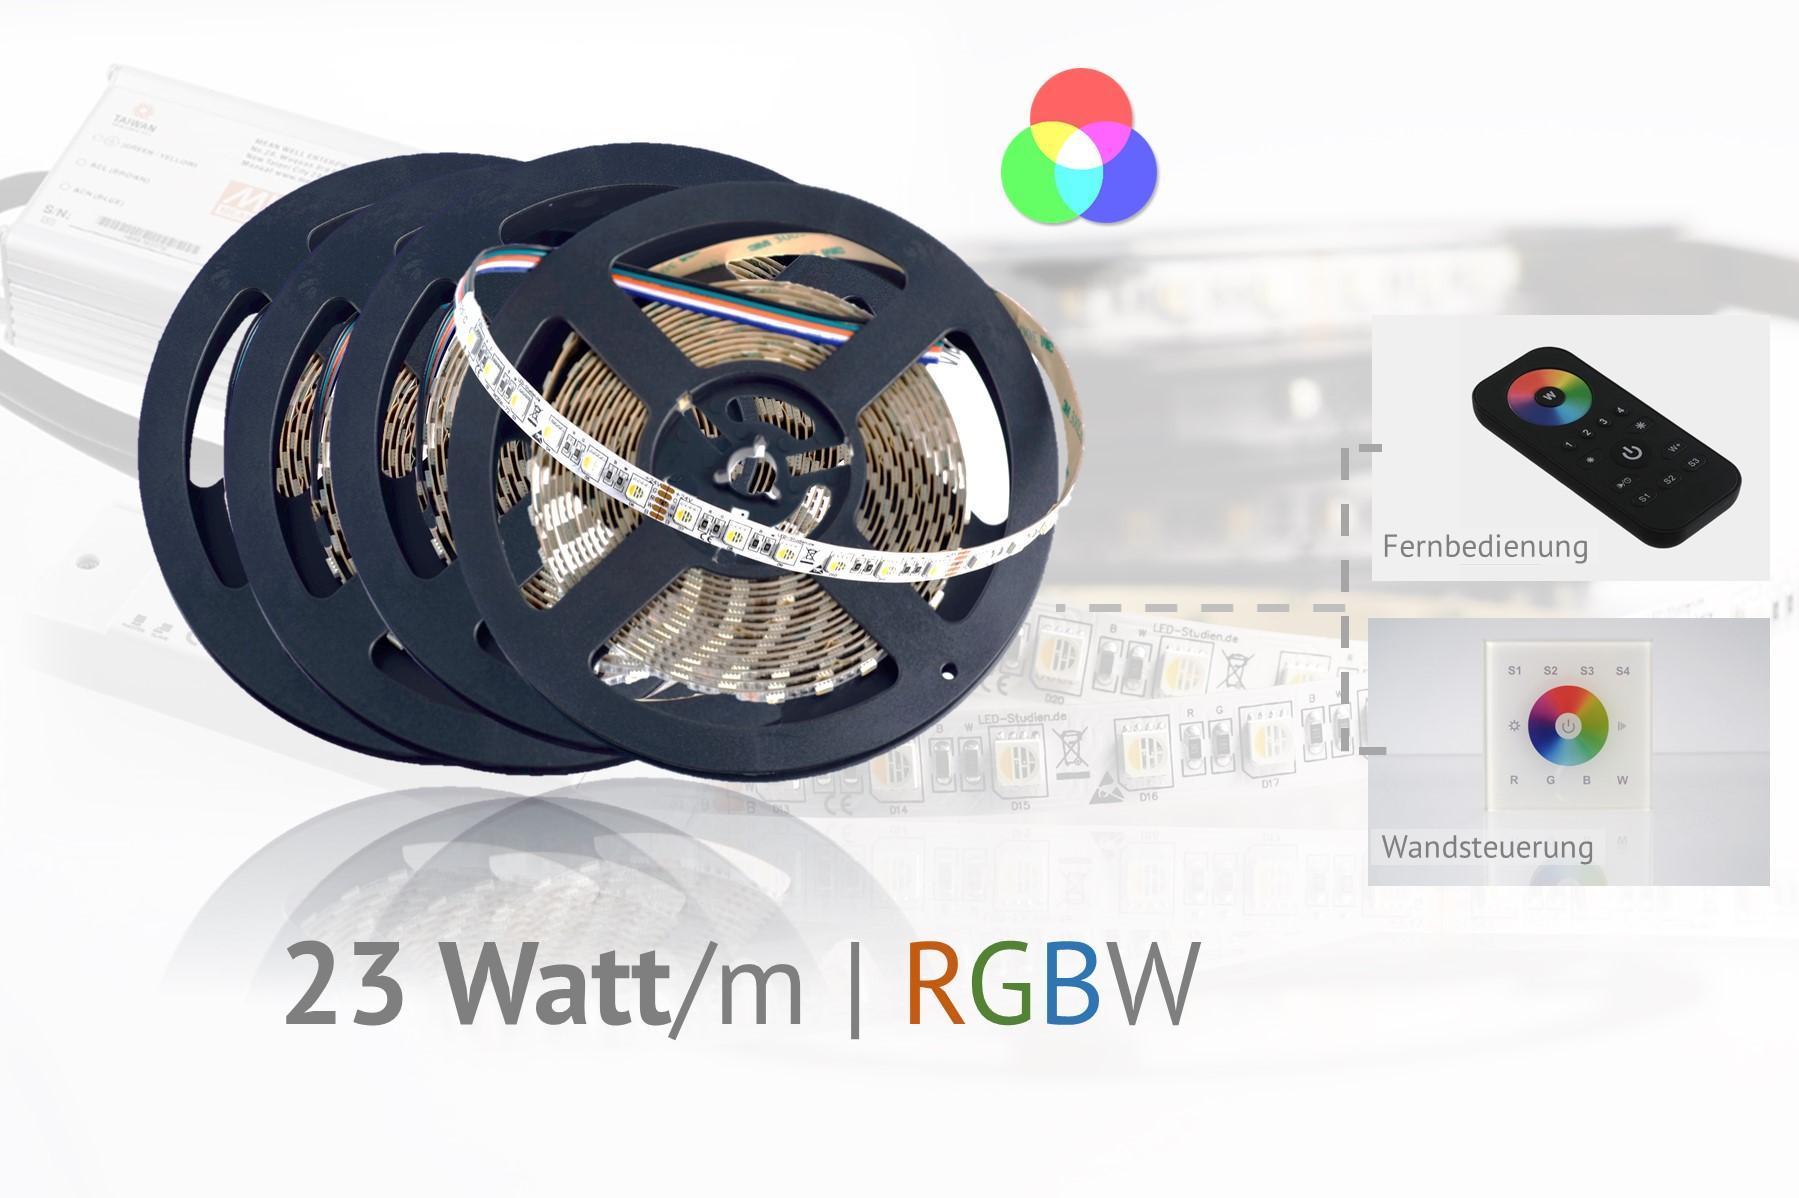 Set für farbige Akzentbeleuchtungen, RGBW-LEDs